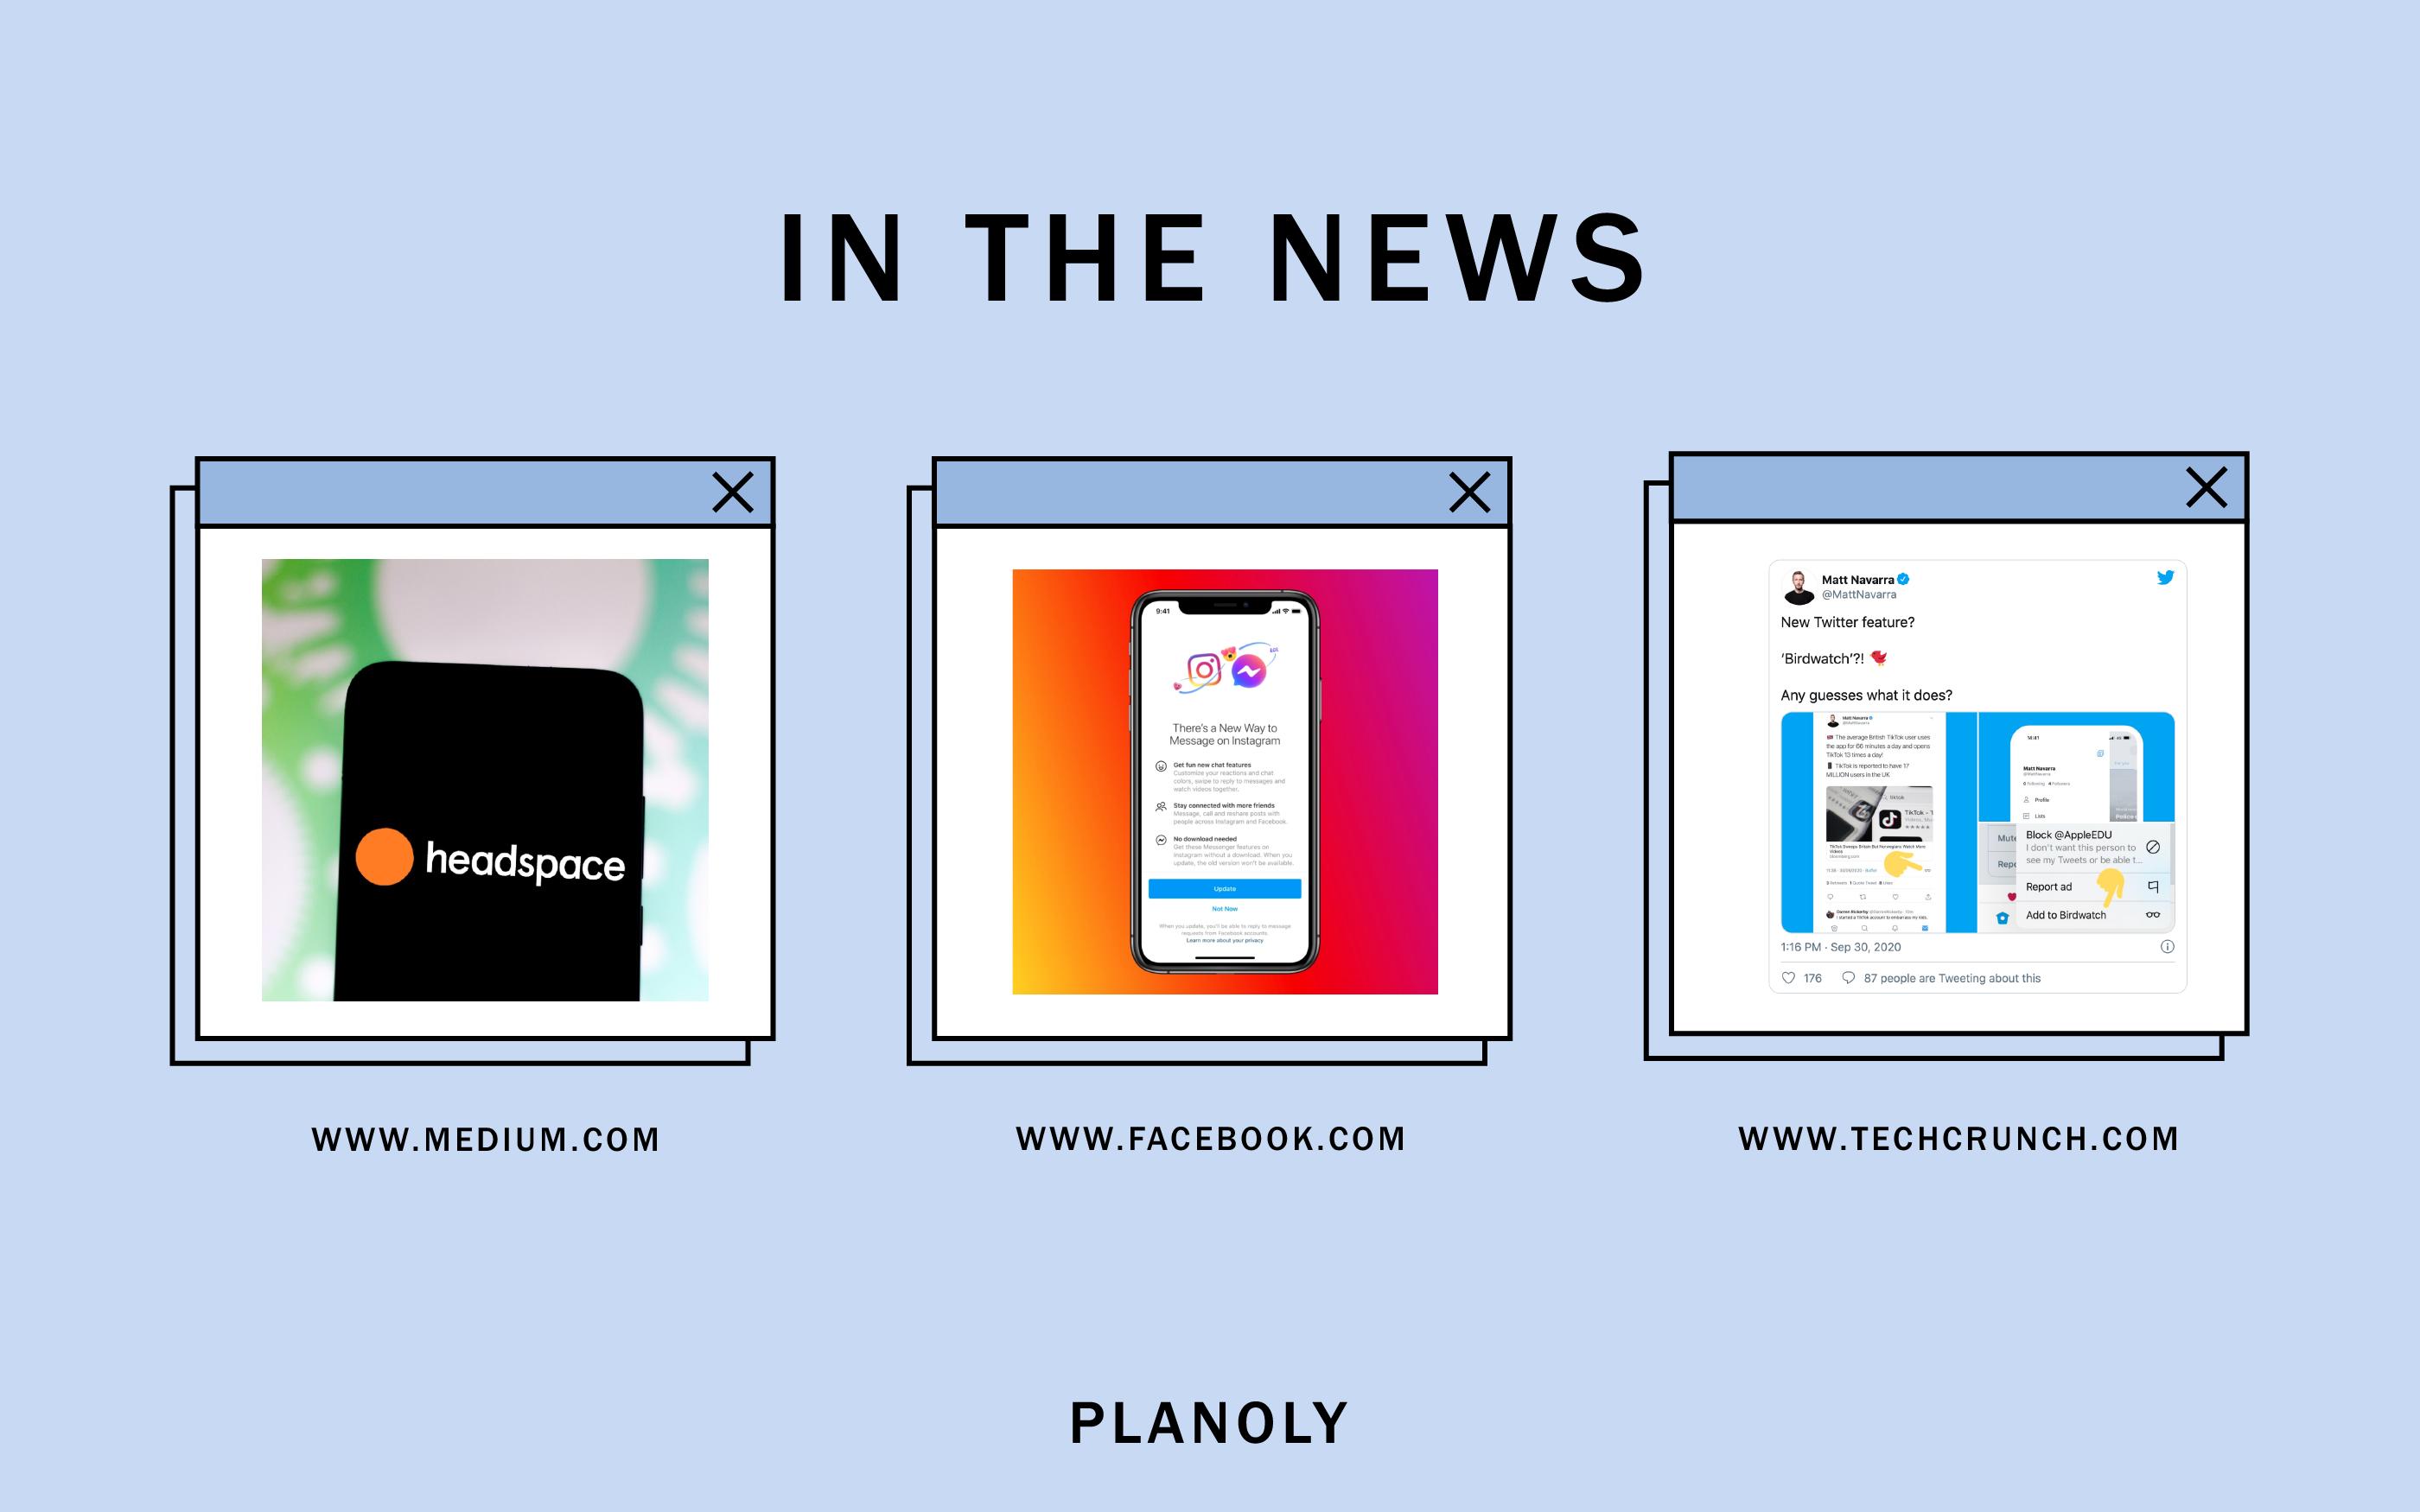 PLANOLY-Blog Post-Social Sphere- 10.05-Img1